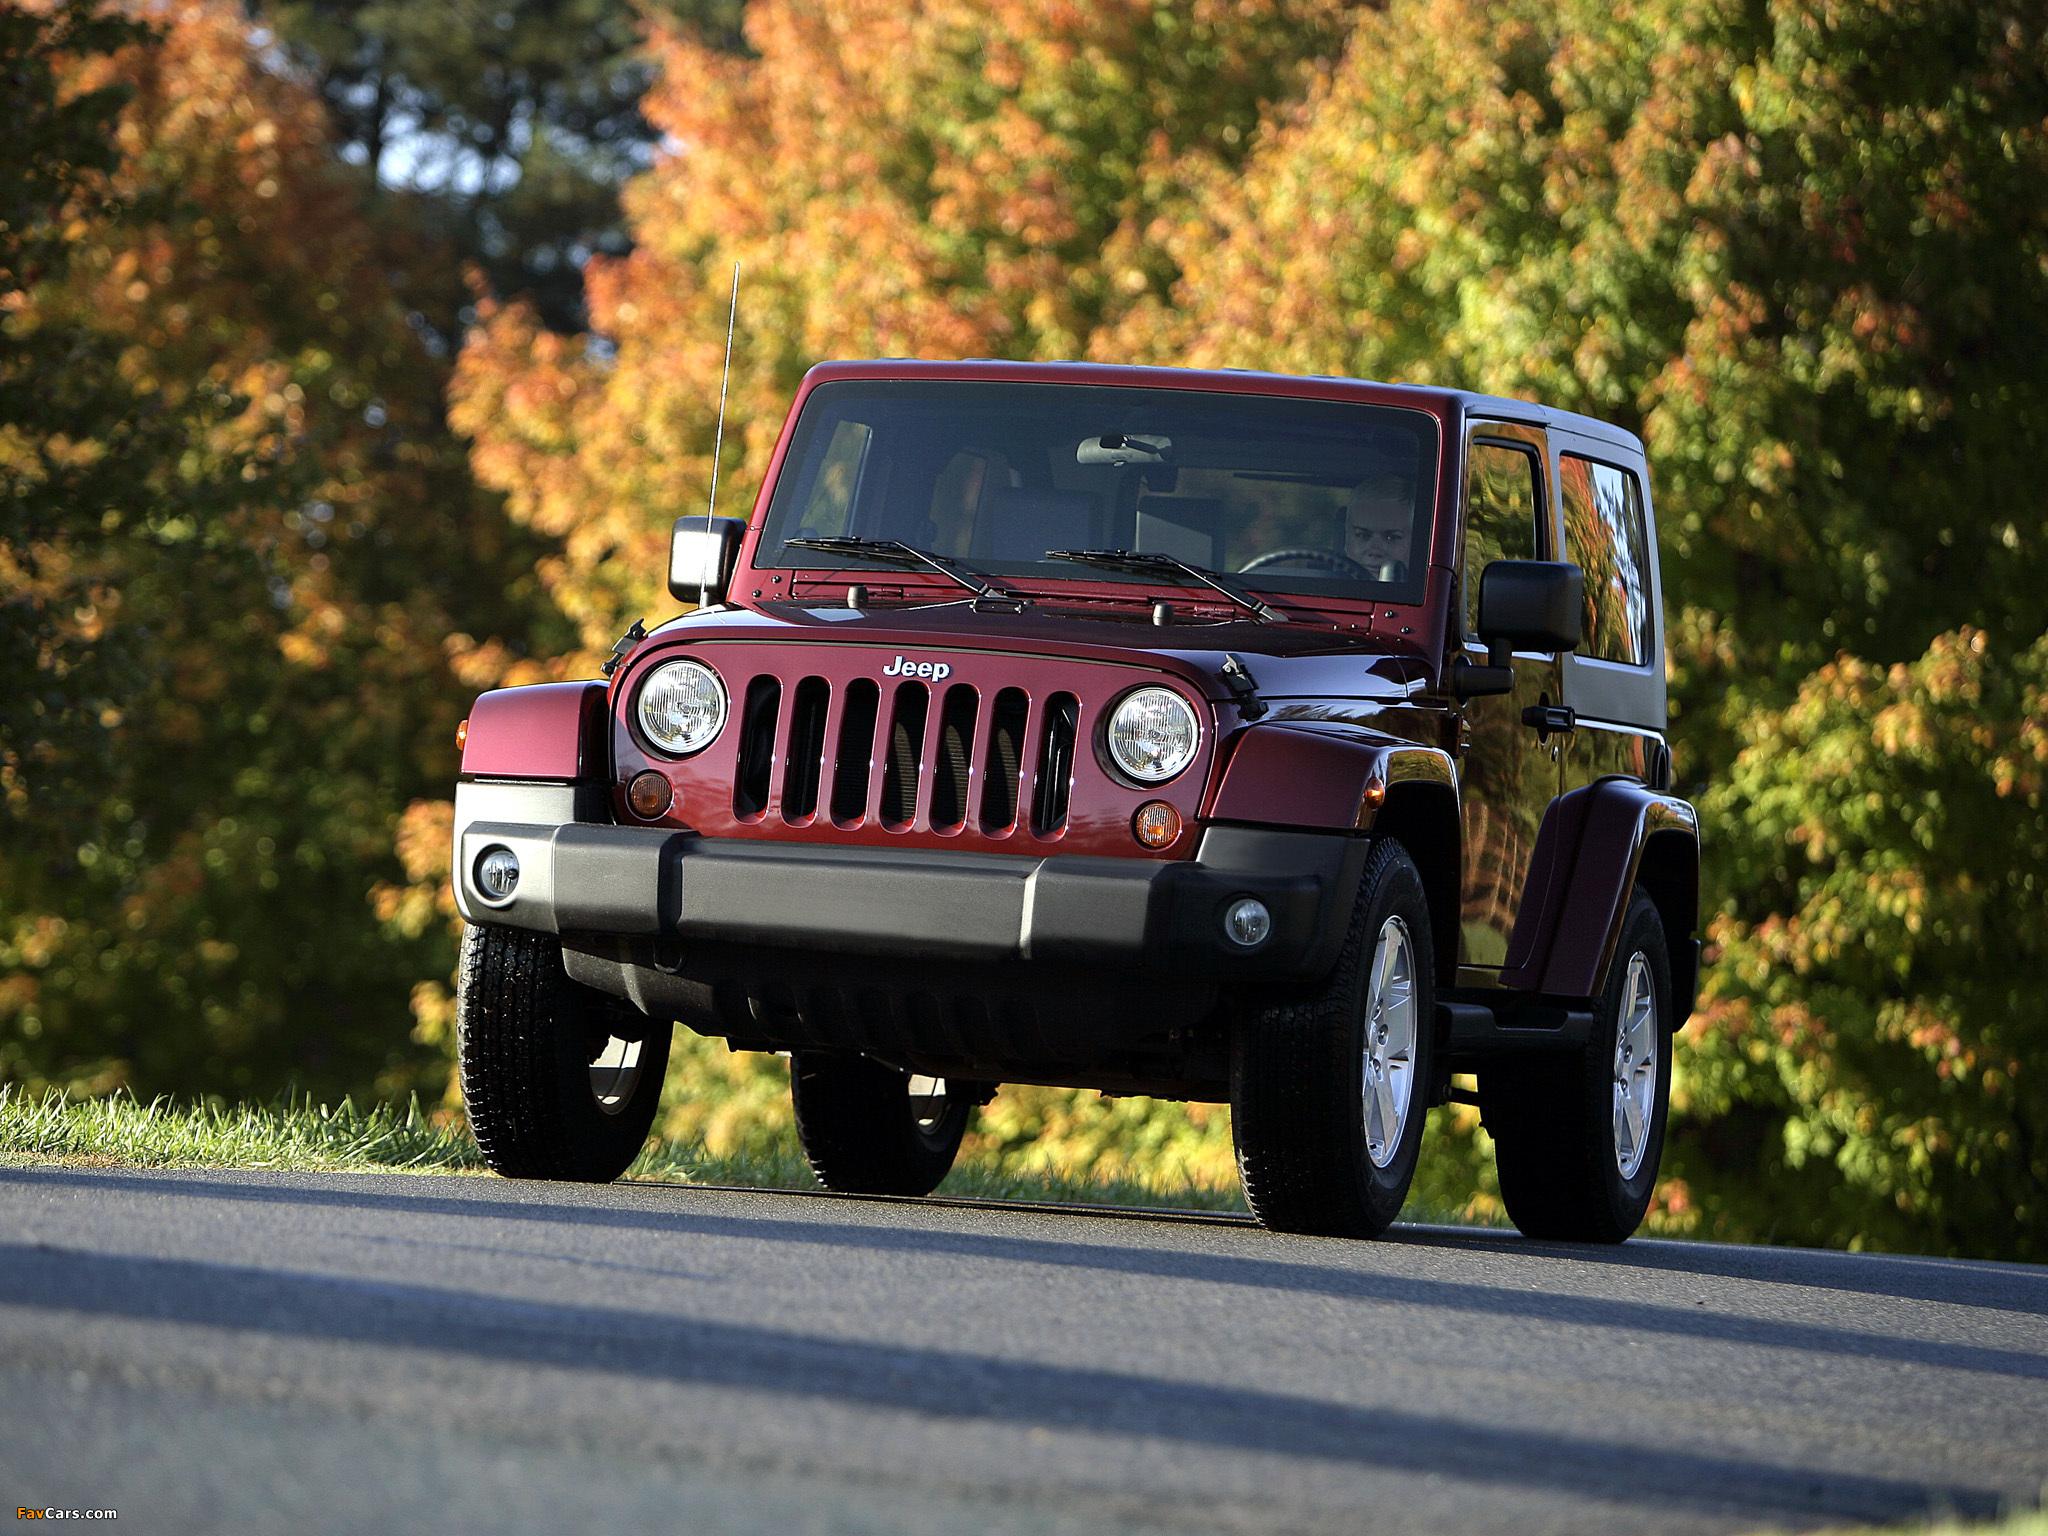 Jeep Wrangler Sahara (JK) 2007 pictures (2048 x 1536)